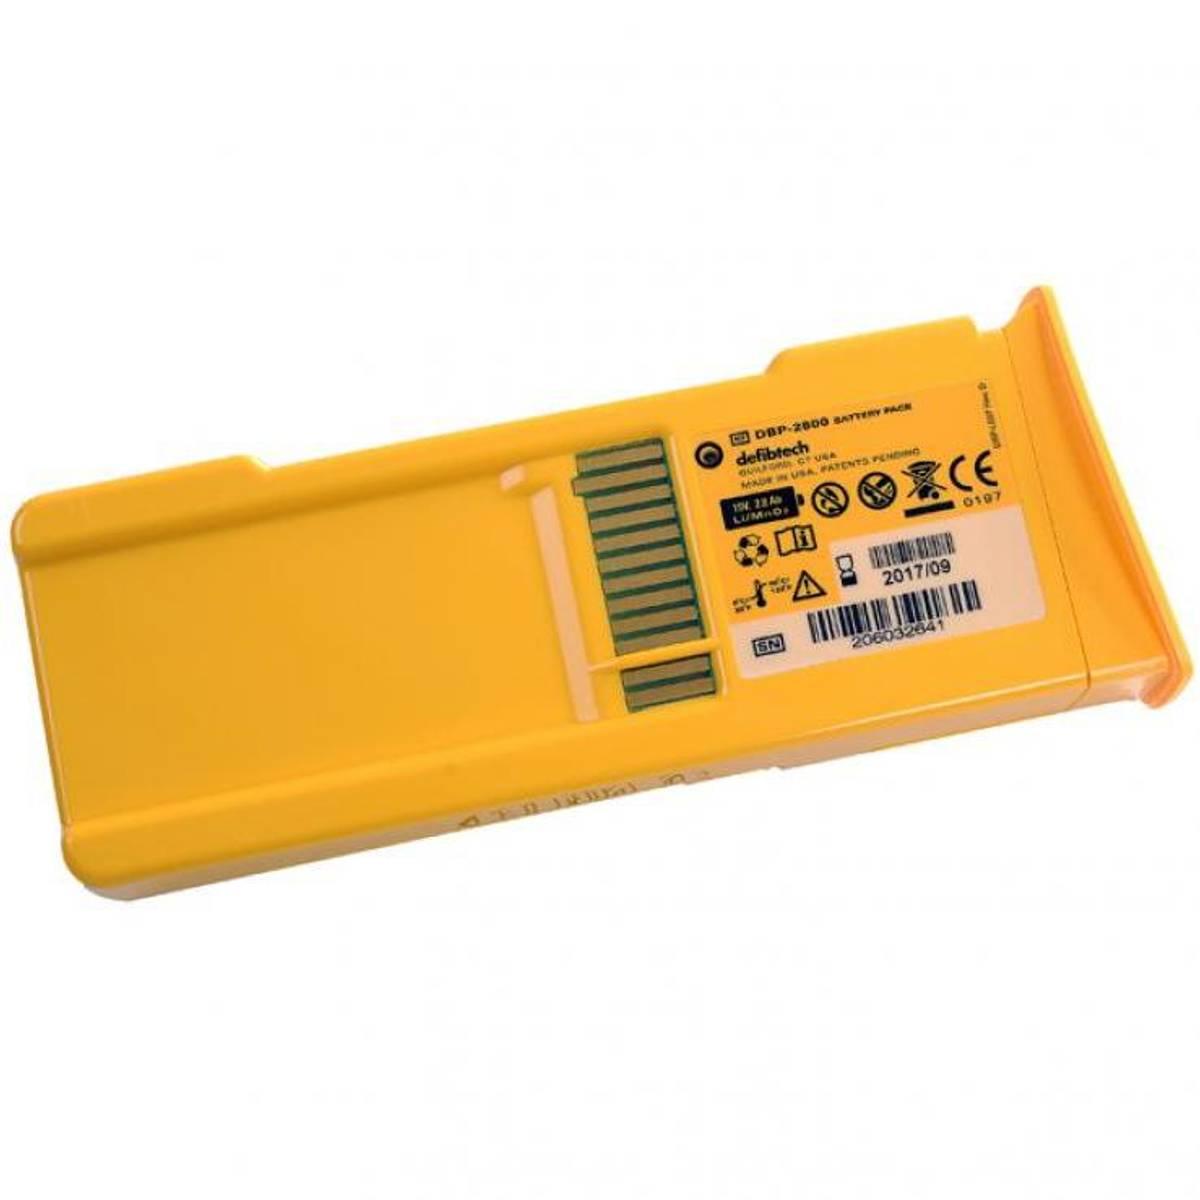 Lifeline AED 5 år hovedbatteri lithium